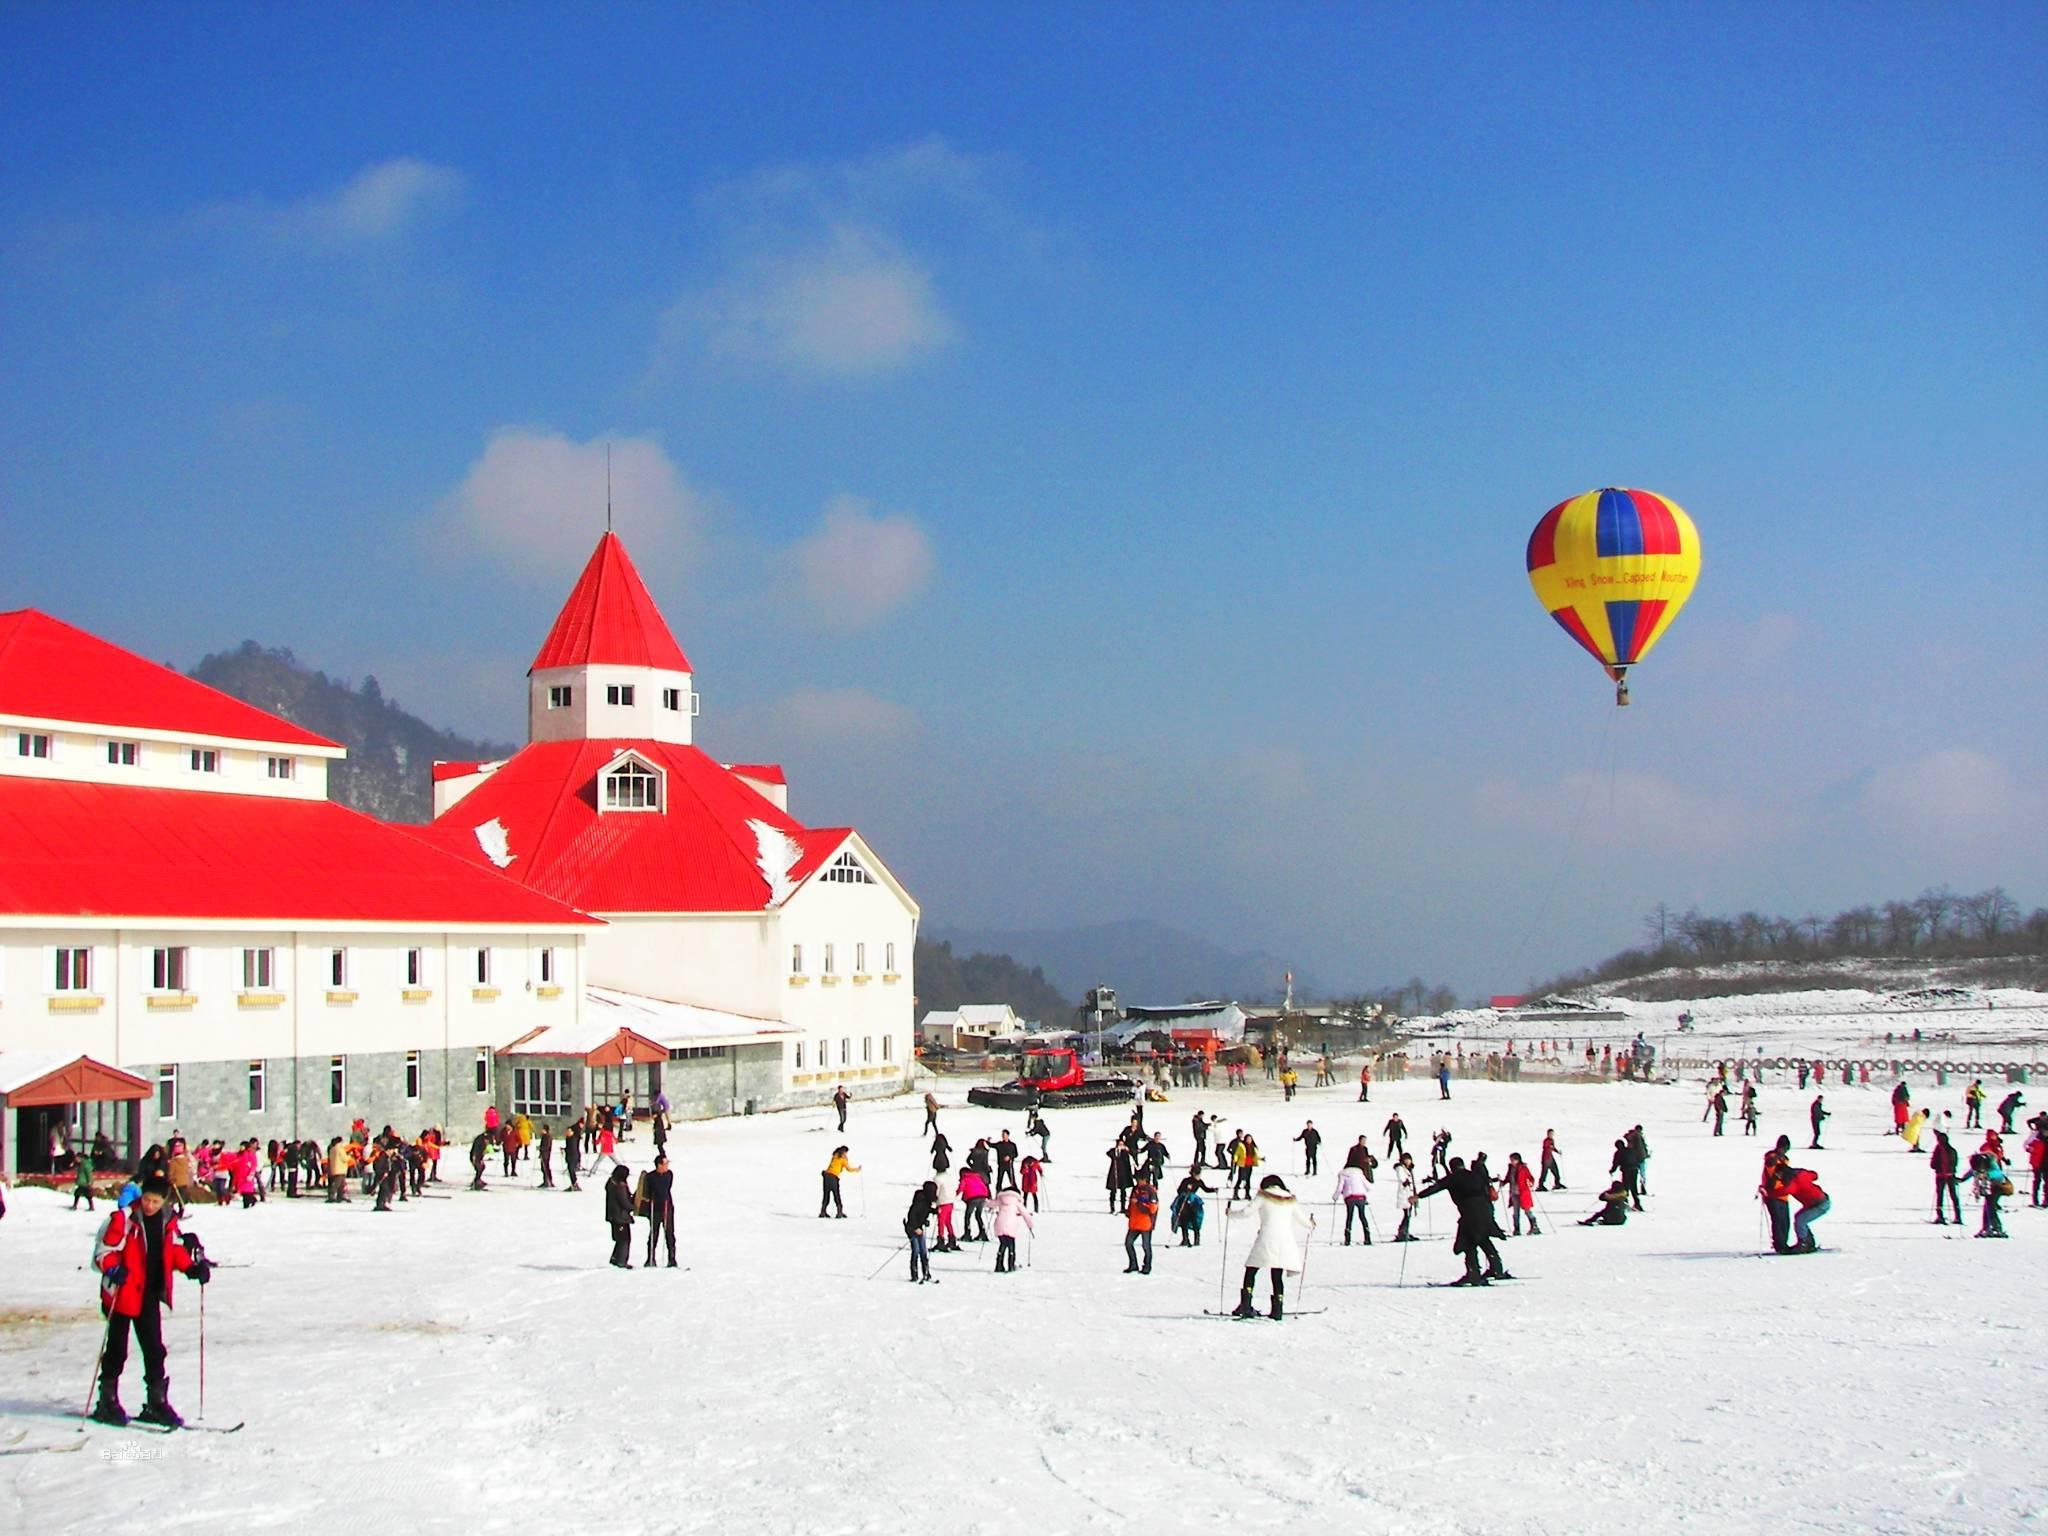 西岭雪山滑雪场(冬季)